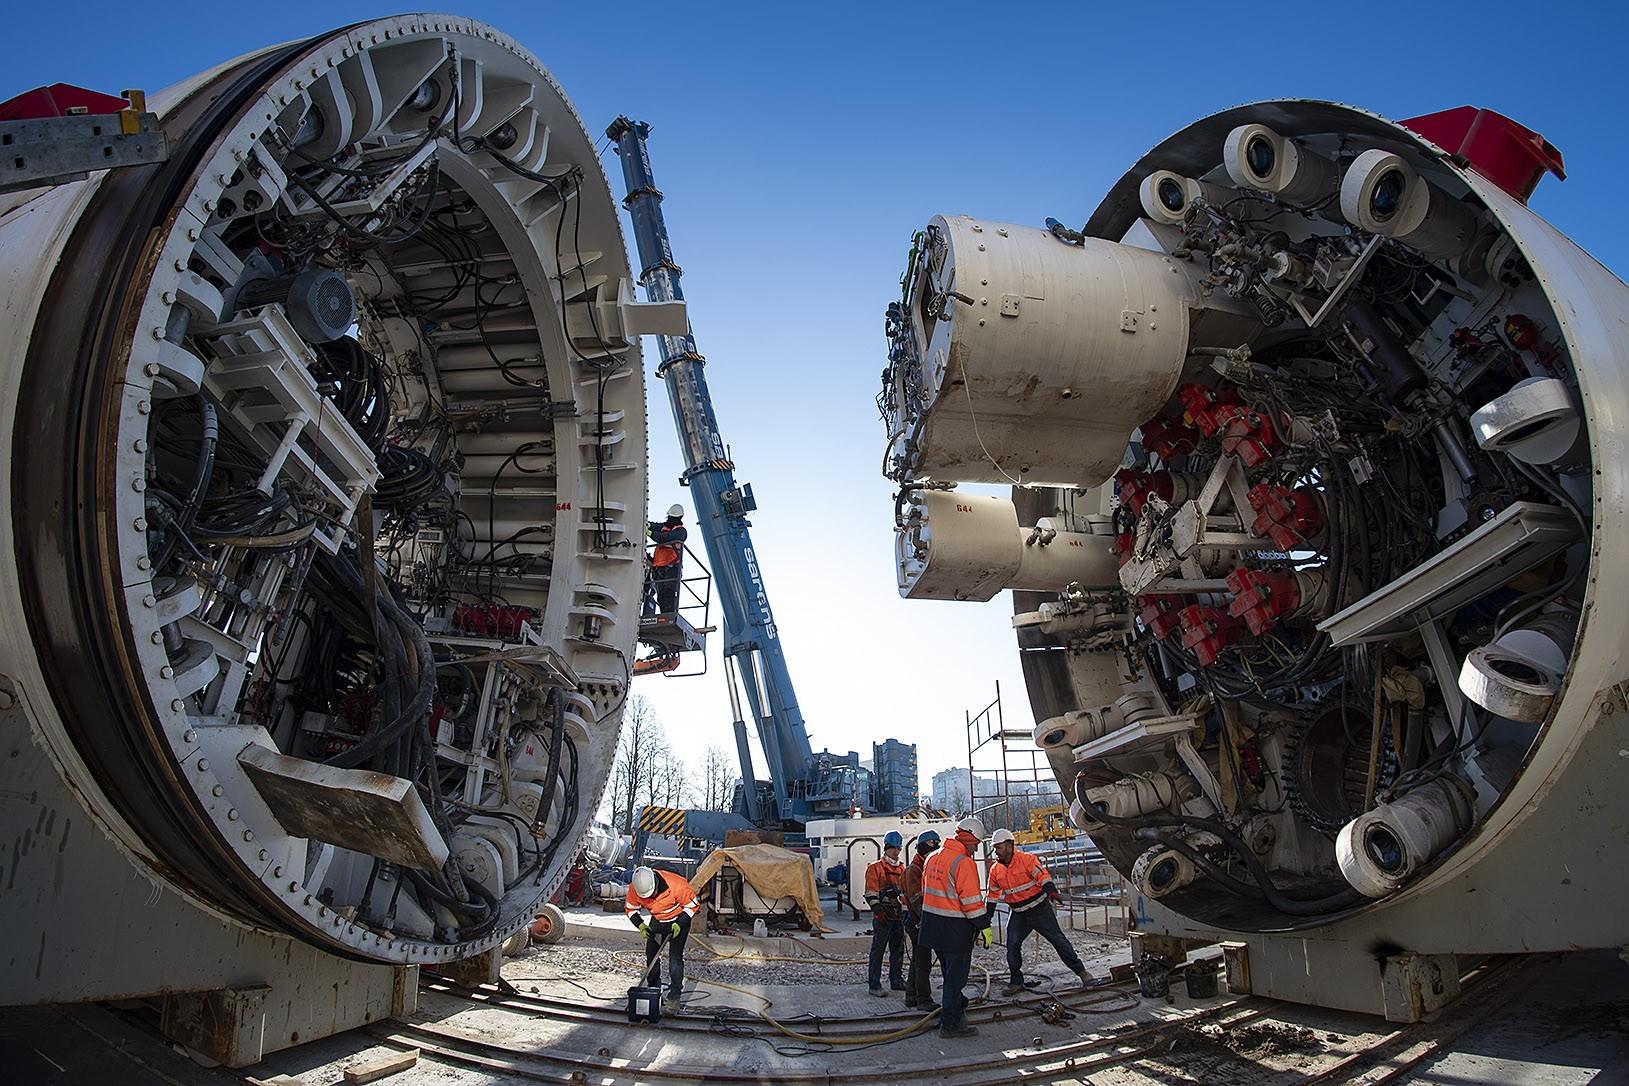 glowice-maszyn-tbm-anna-i-maria-zostaly-juz-zmontowane-na-placu-budowy-stacji-brodno